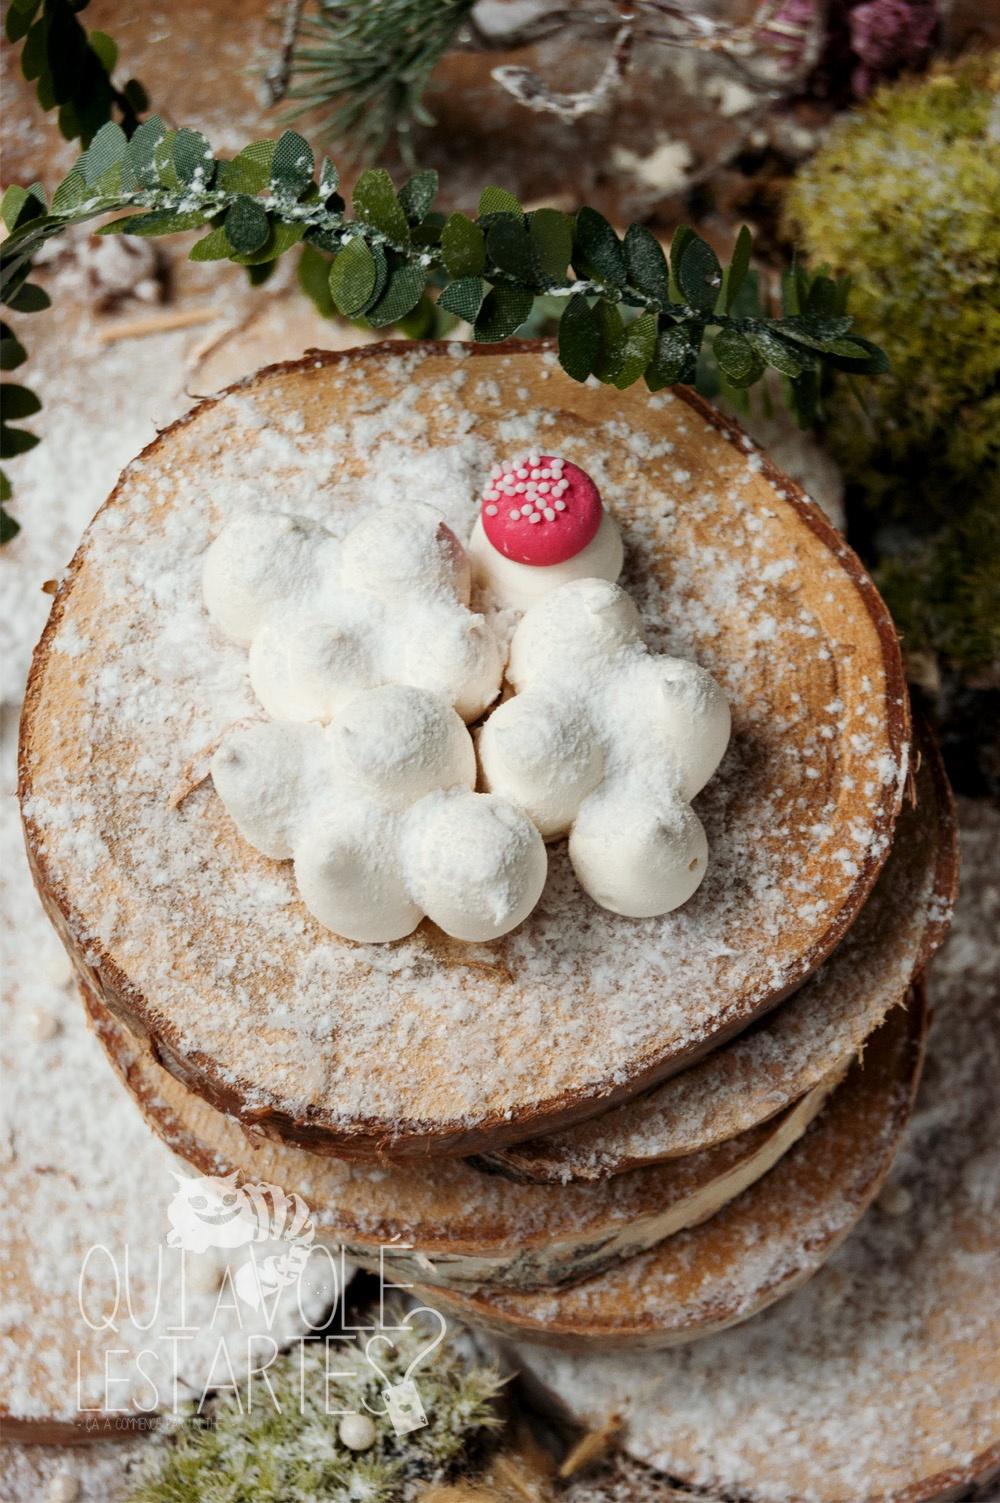 Mont-Blanc Noël sans gluten 5 - Studio 2 création - Qui a volé les tartes